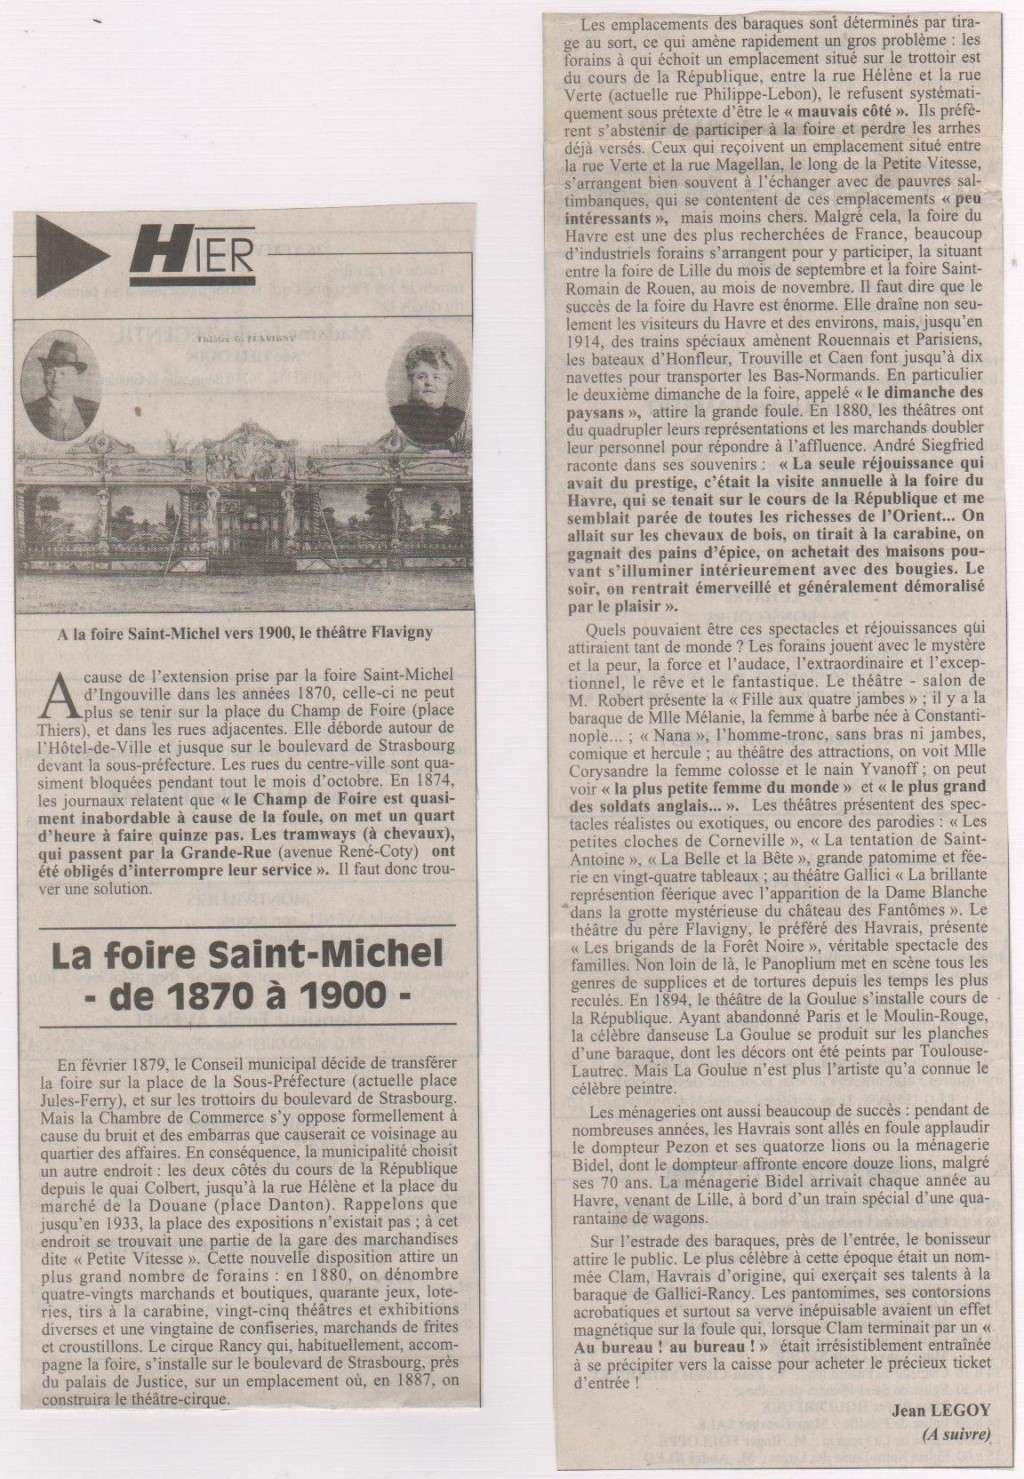 Hier, Le Havre par Jean LEGOY - Page 2 Jean_l76